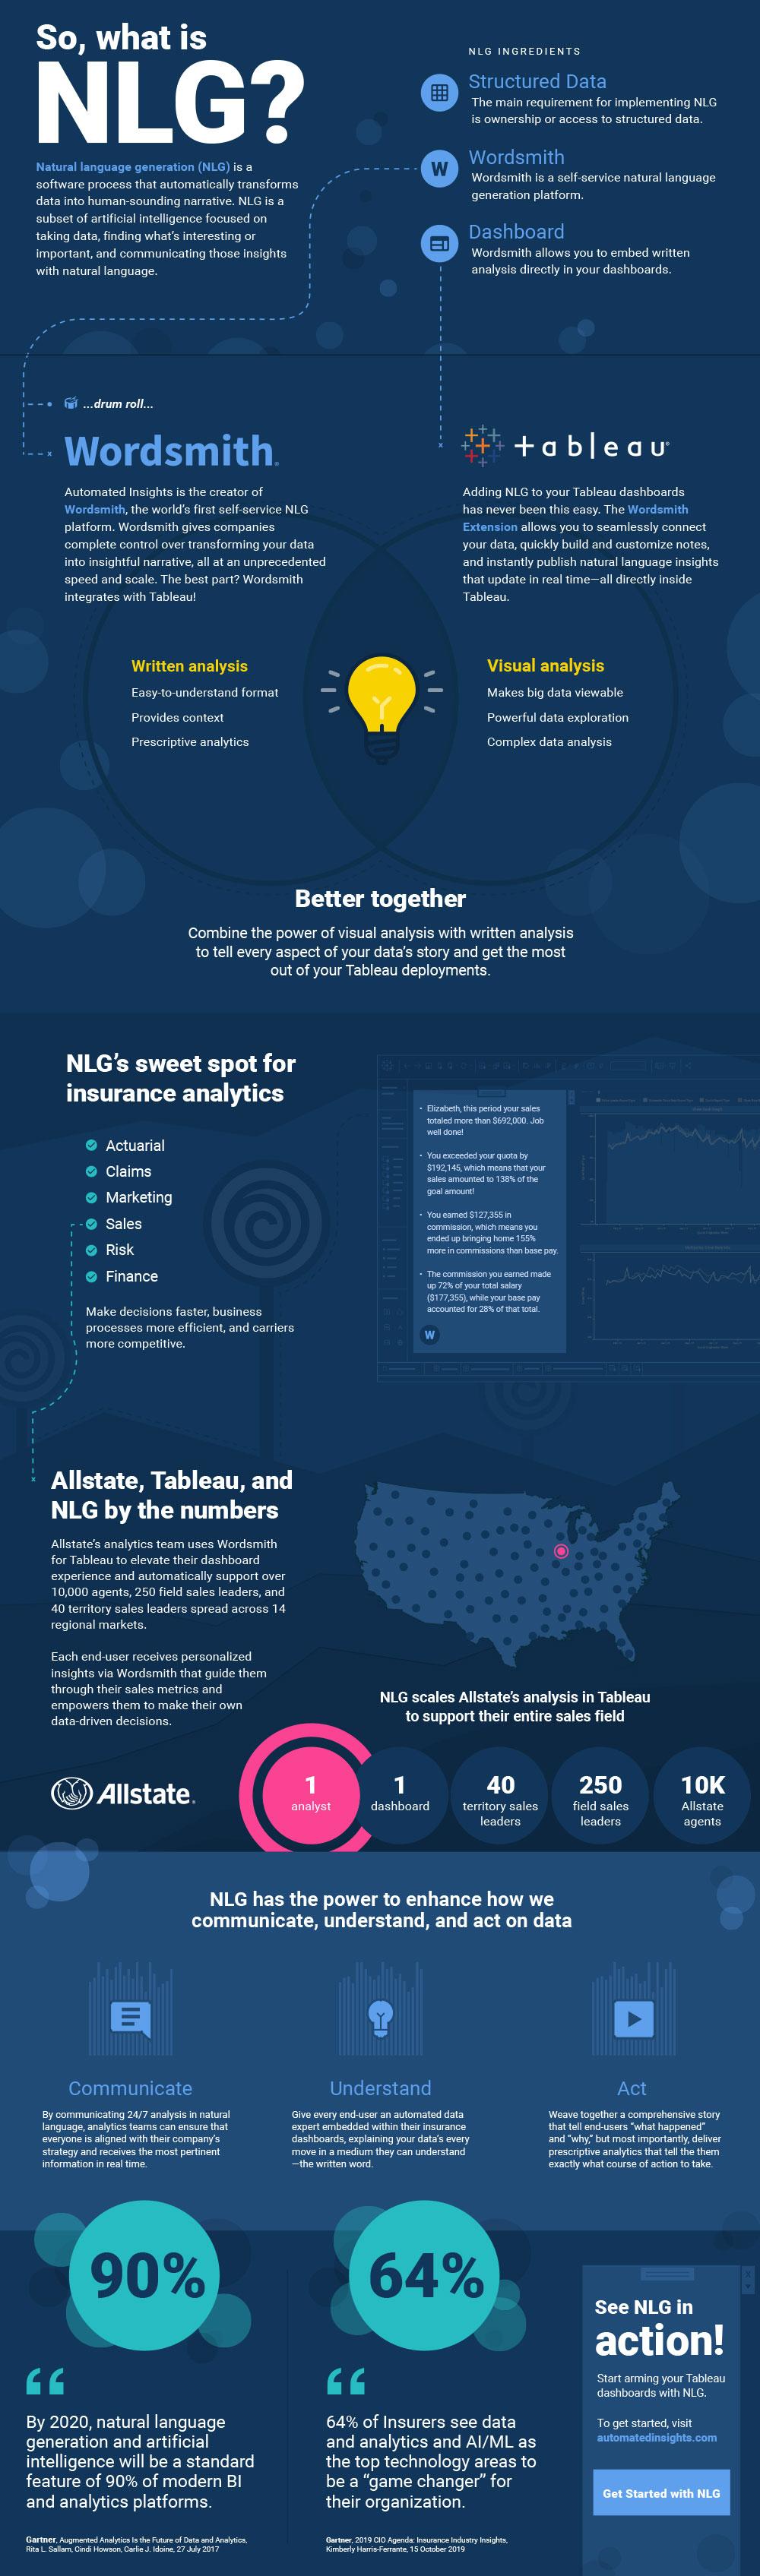 infographic-nlg-insurance.jpg